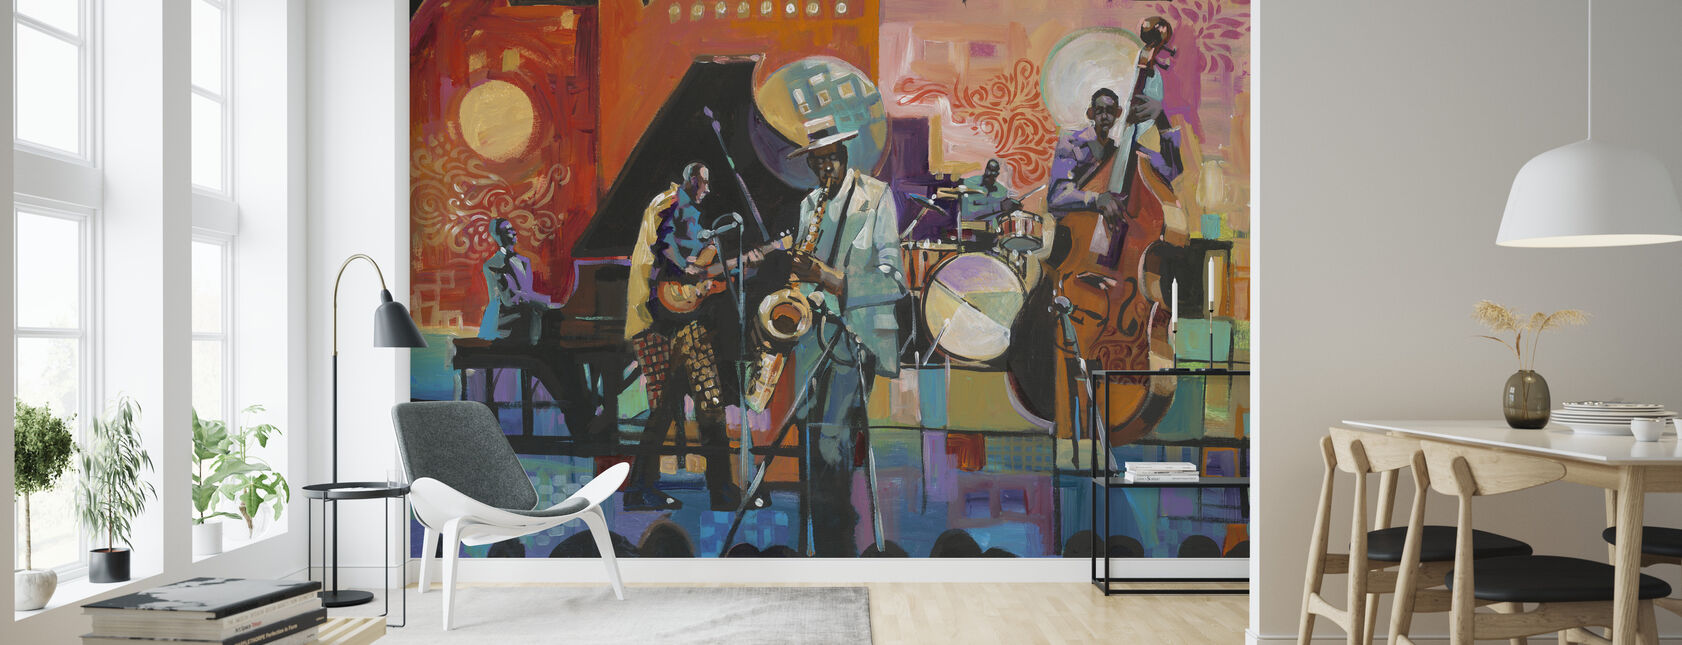 At jazz - Tapet - Stue